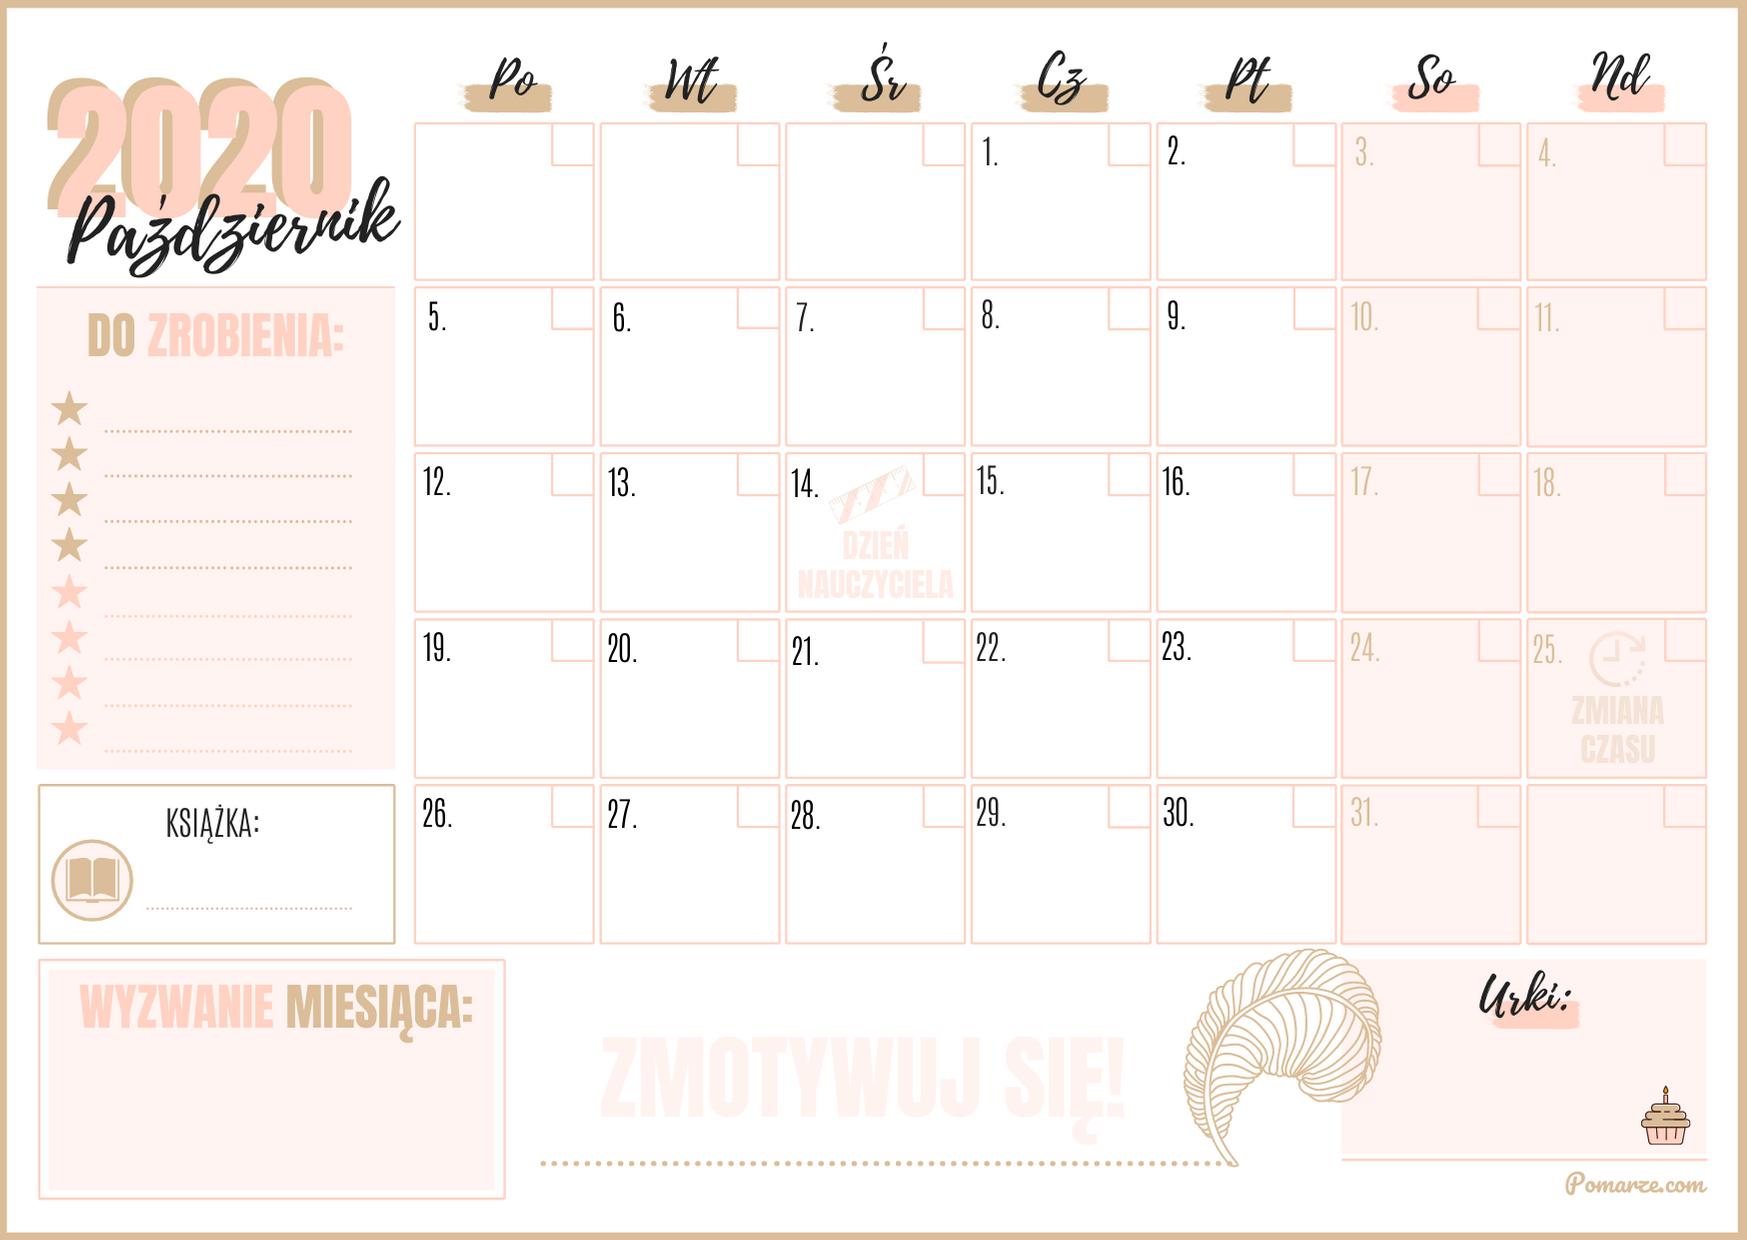 Kalendarz miesieczny planer Październik 2020 do druku pdf